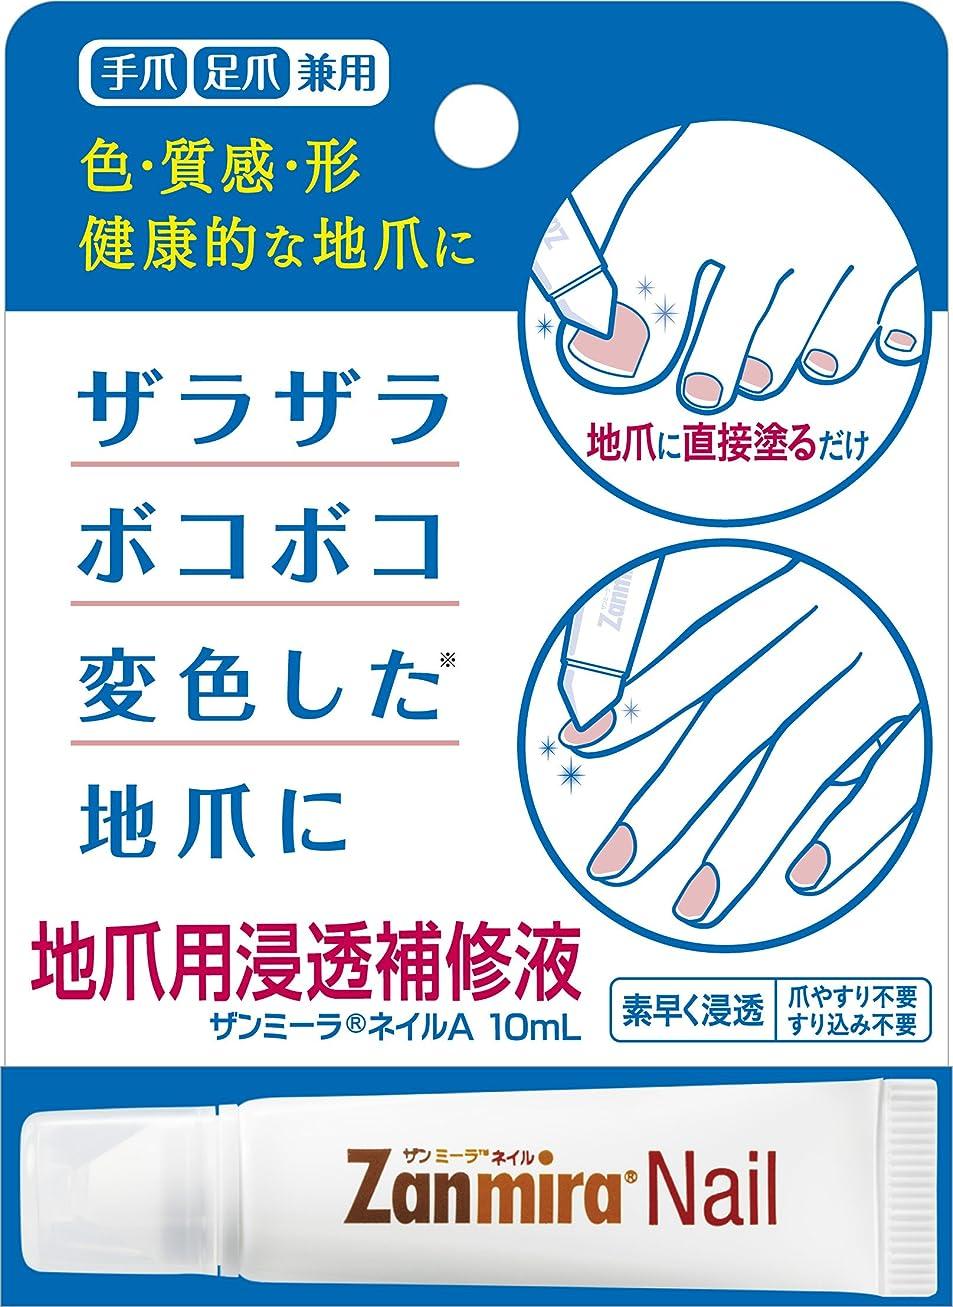 風味スライムく【Amazon.co.jp限定】 ザンミーラ ネイル A Zanmira Nail A 10ml 地爪用浸透補修液